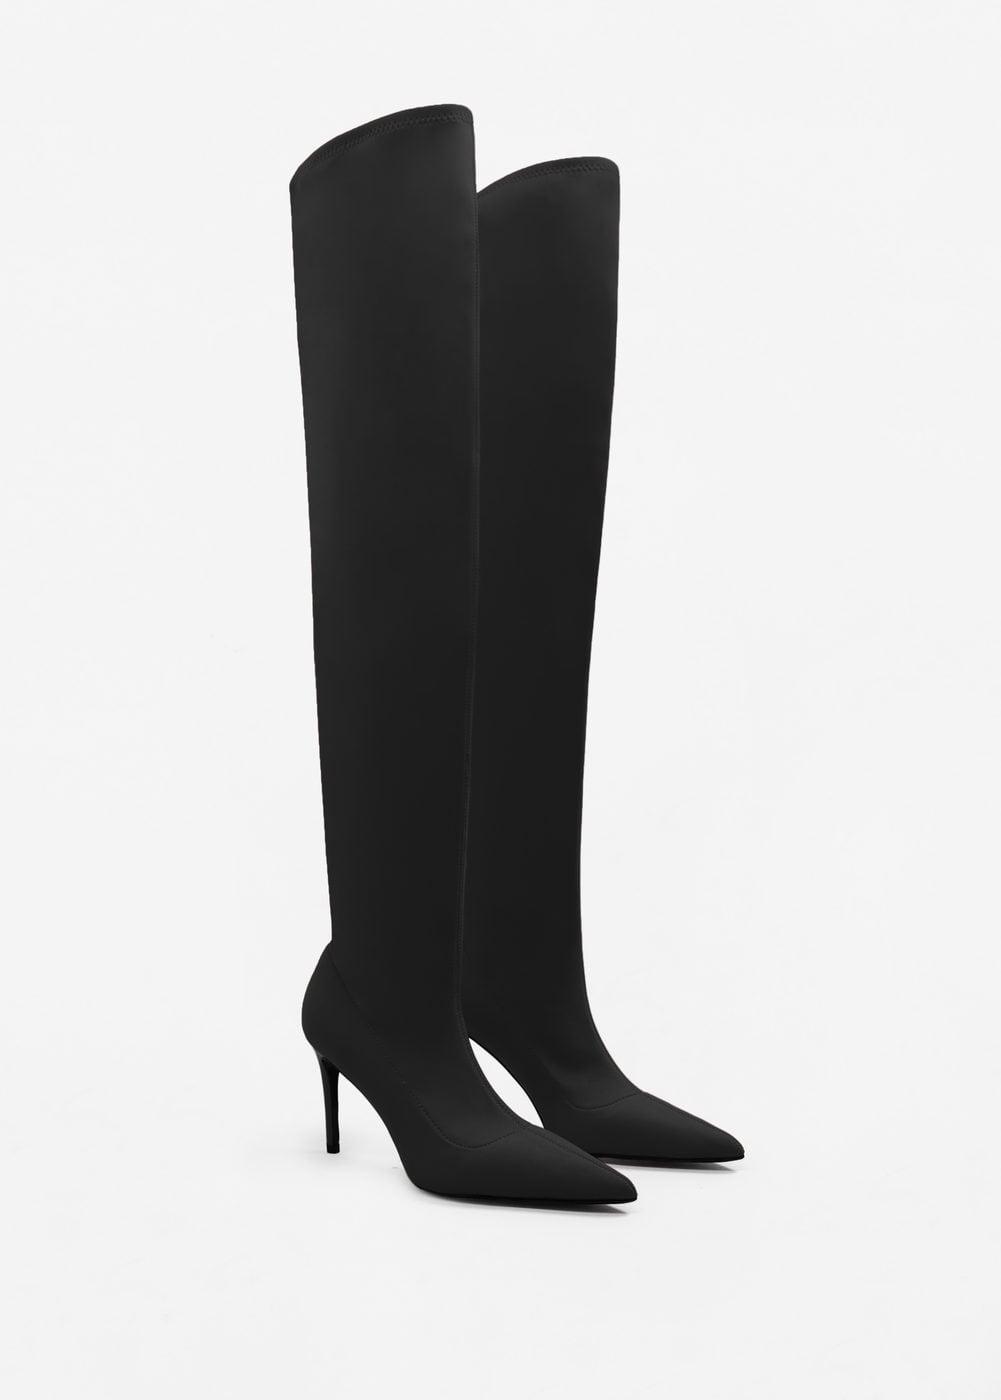 Botas altas de tacón de aguja negras